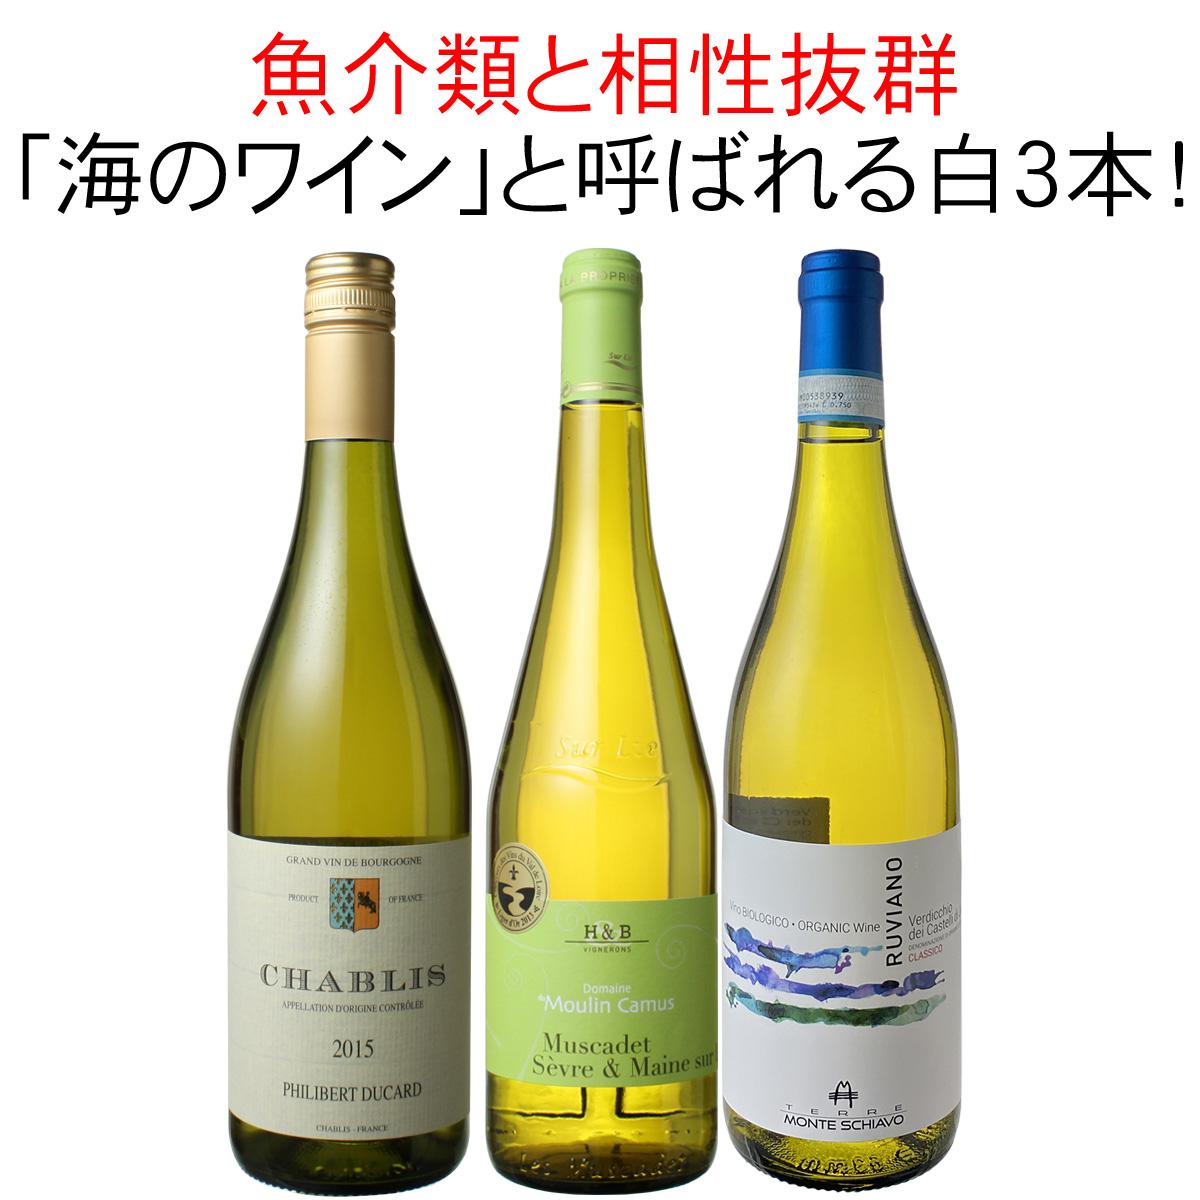 ワインセット 魚介類と相性抜群 海のワイン 白ワイン 3本 セット シャブリ ミュスカデ ヴェルディッキオ 家飲み 御祝 誕生日 ハロウィン ギフト プレゼント